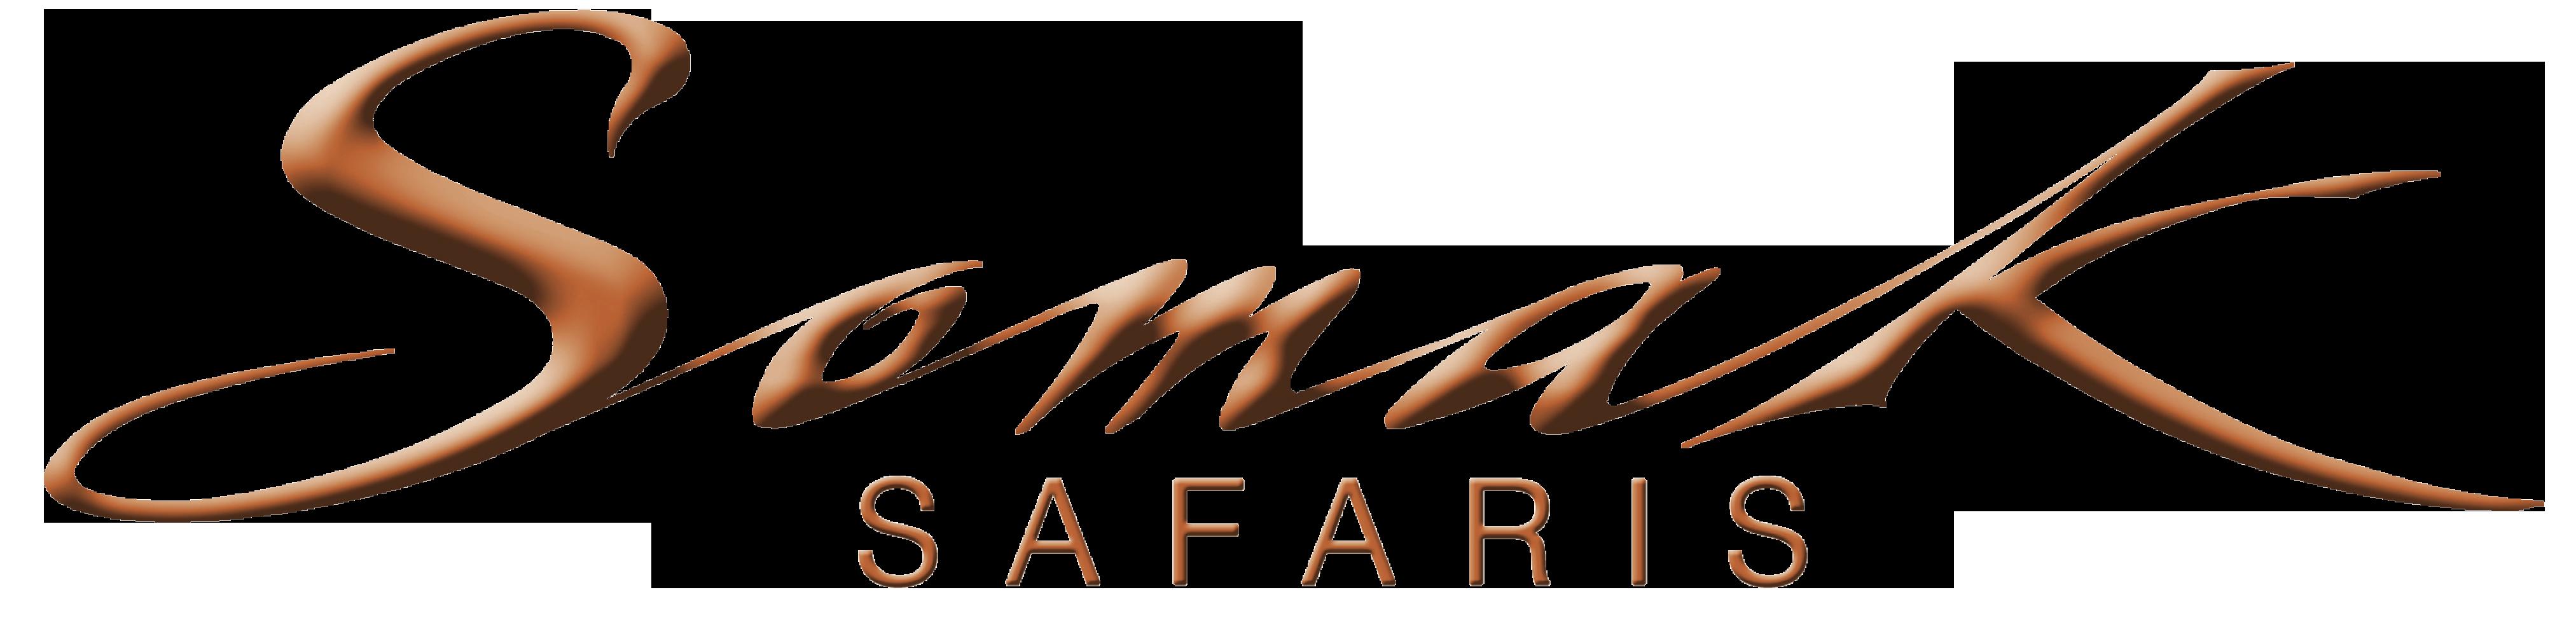 Somak-Safaris